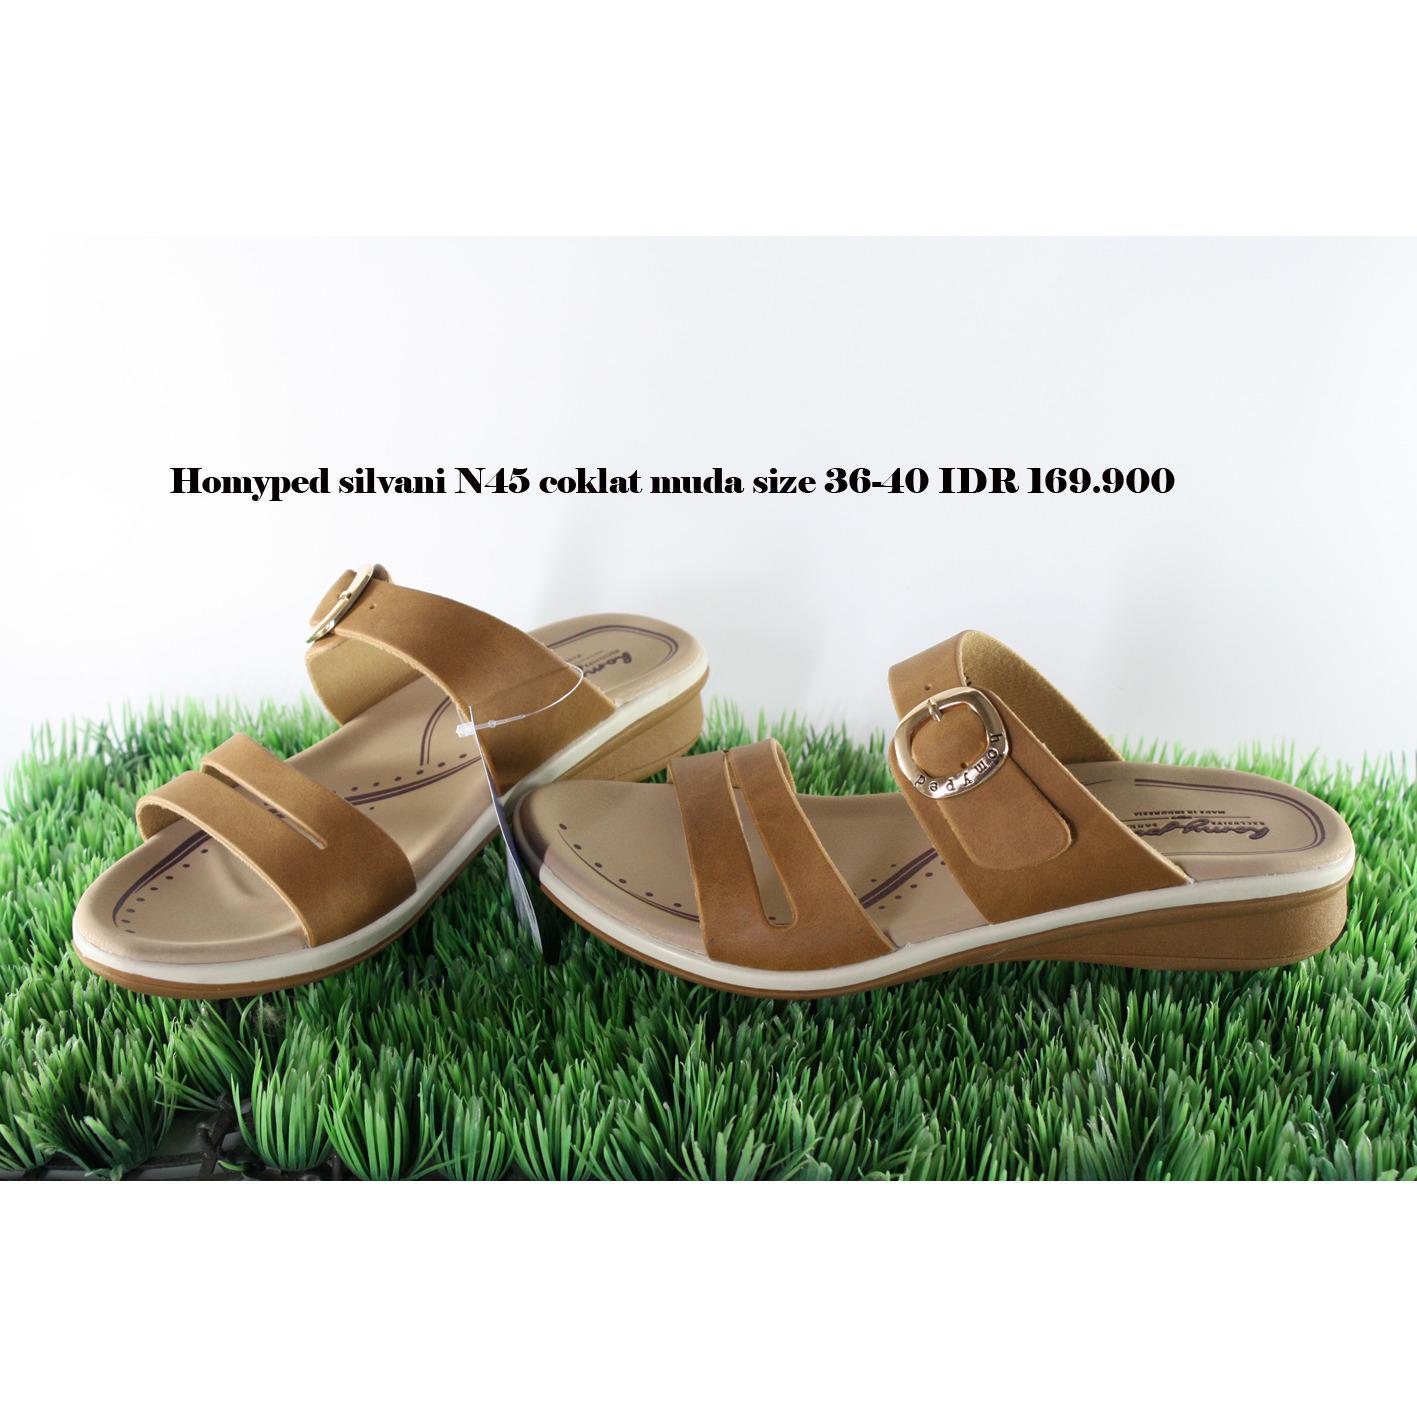 Homyped Elegance B 55 Sandal Wanita Camel Daftar Update Harga Pria Confero 01 Tan Cokelat Muda 42 Silvani N45 Coklat